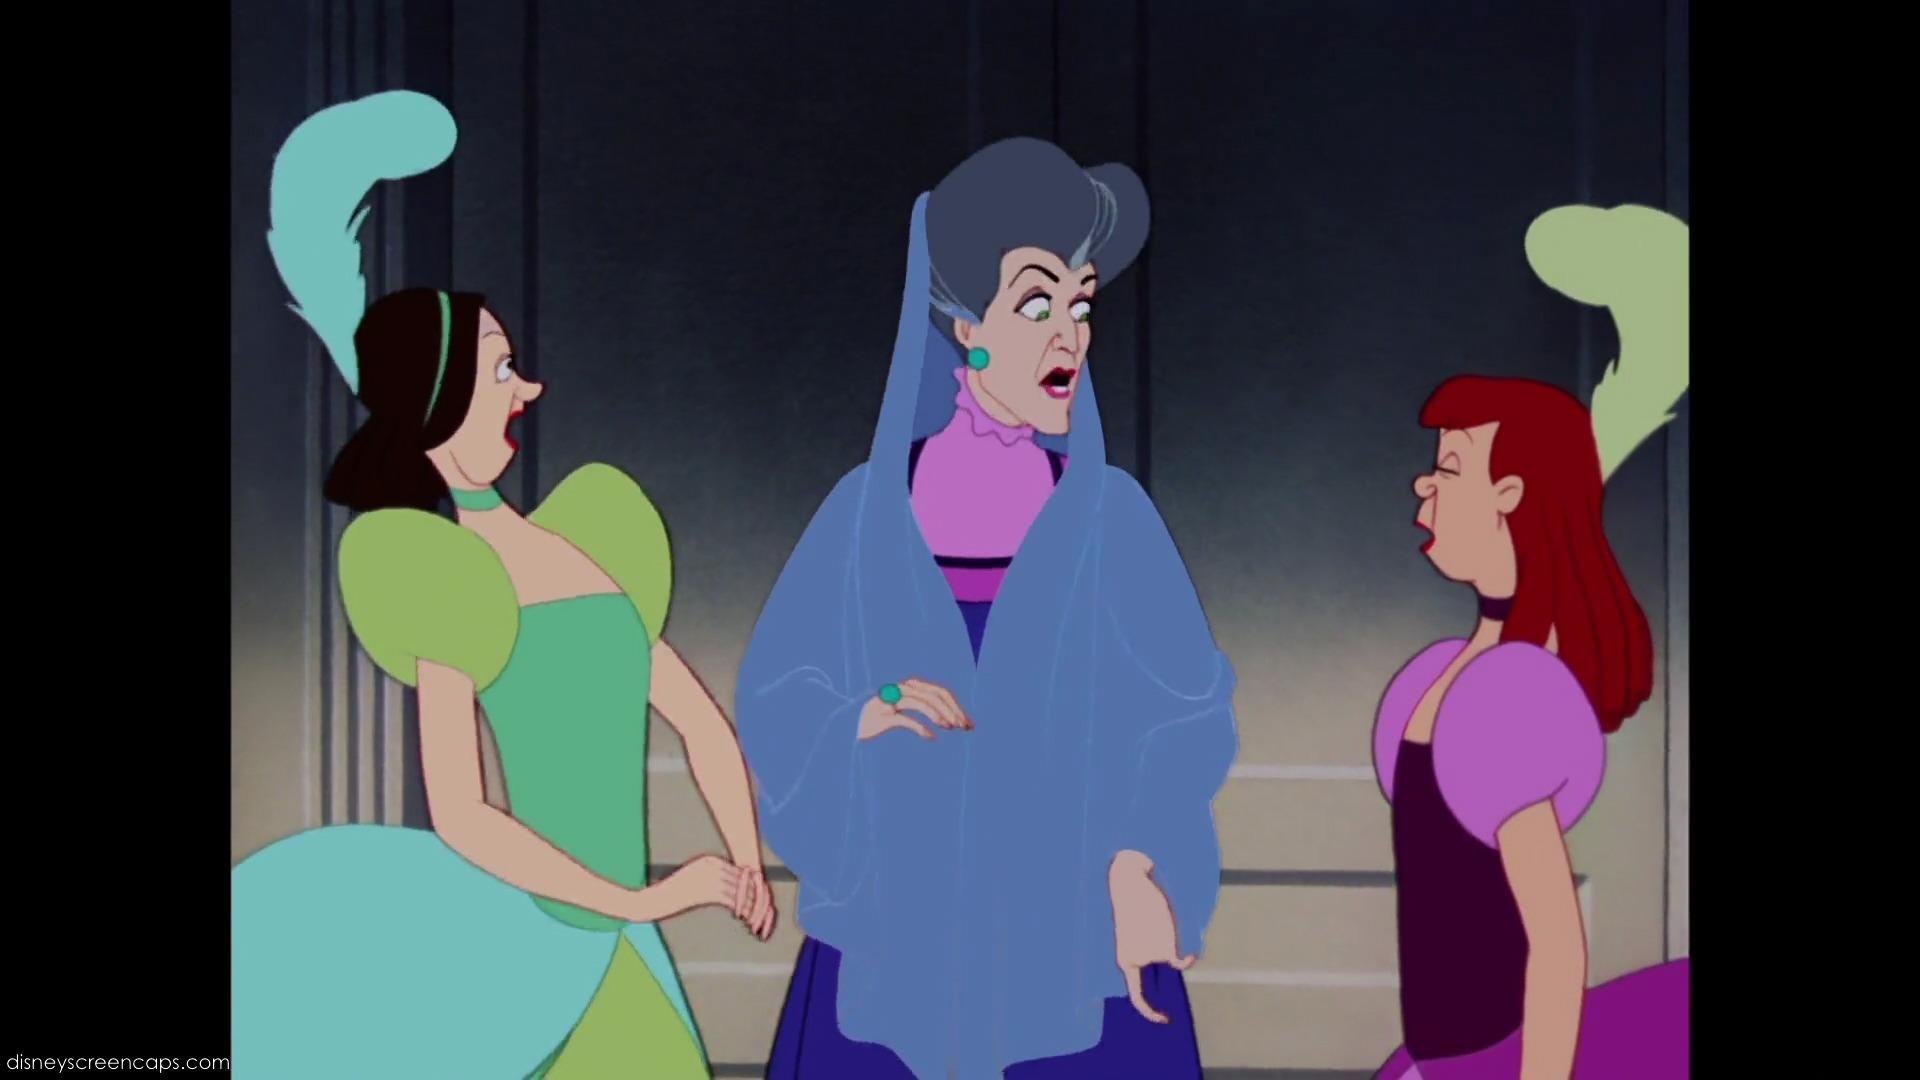 Cinderella Step Sister Quotes. QuotesGram